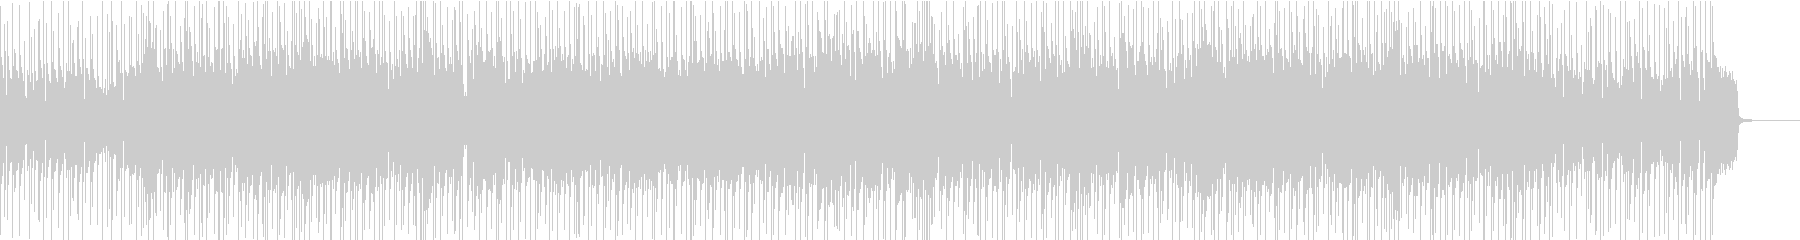 アニメソング風の明るいポップロックの未再生の波形